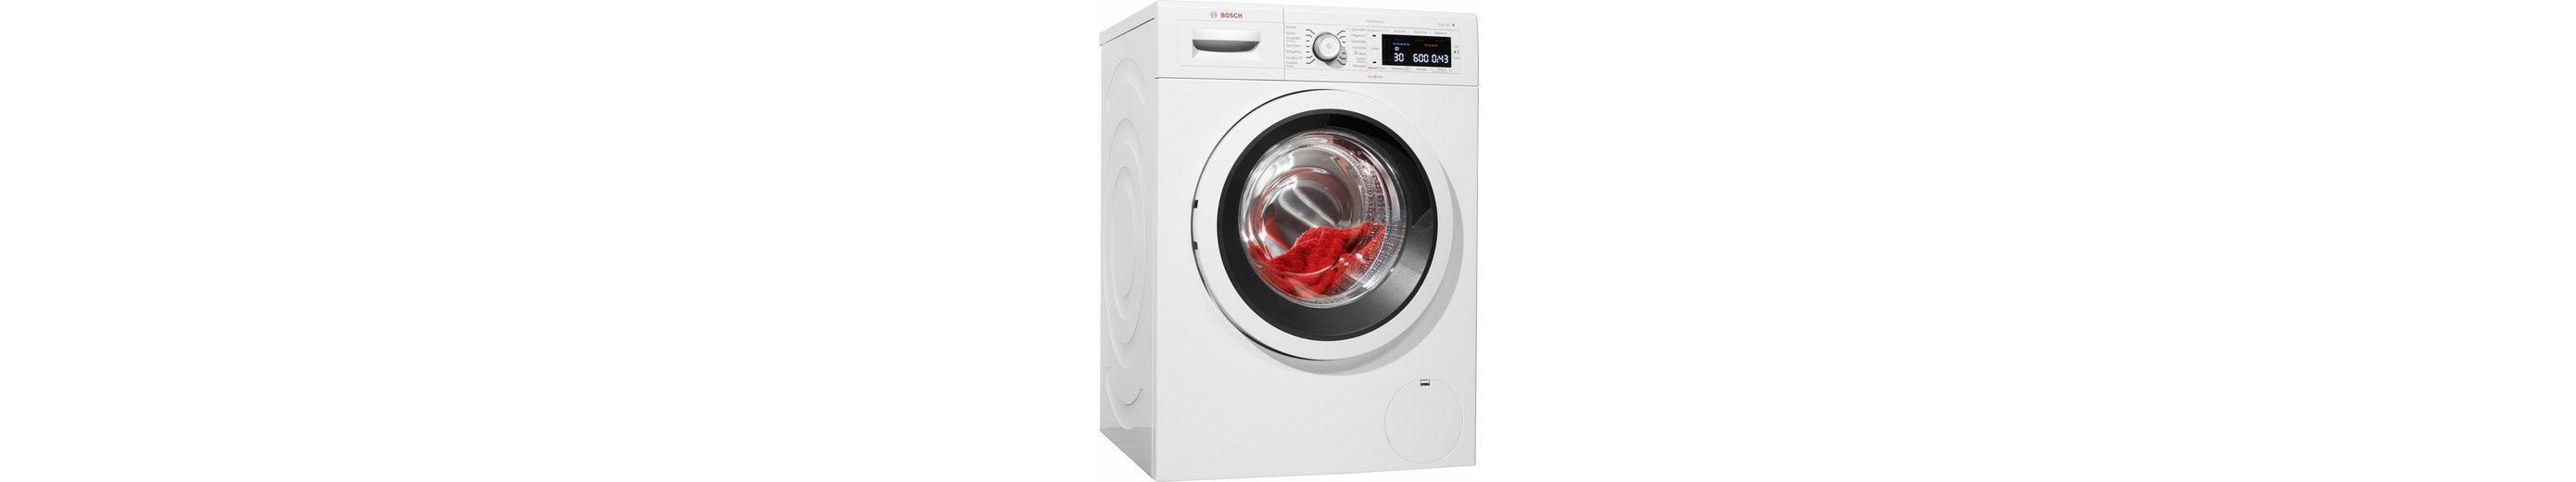 BOSCH Waschmaschine WAW28500, A+++, 9 kg, 1400 U/Min